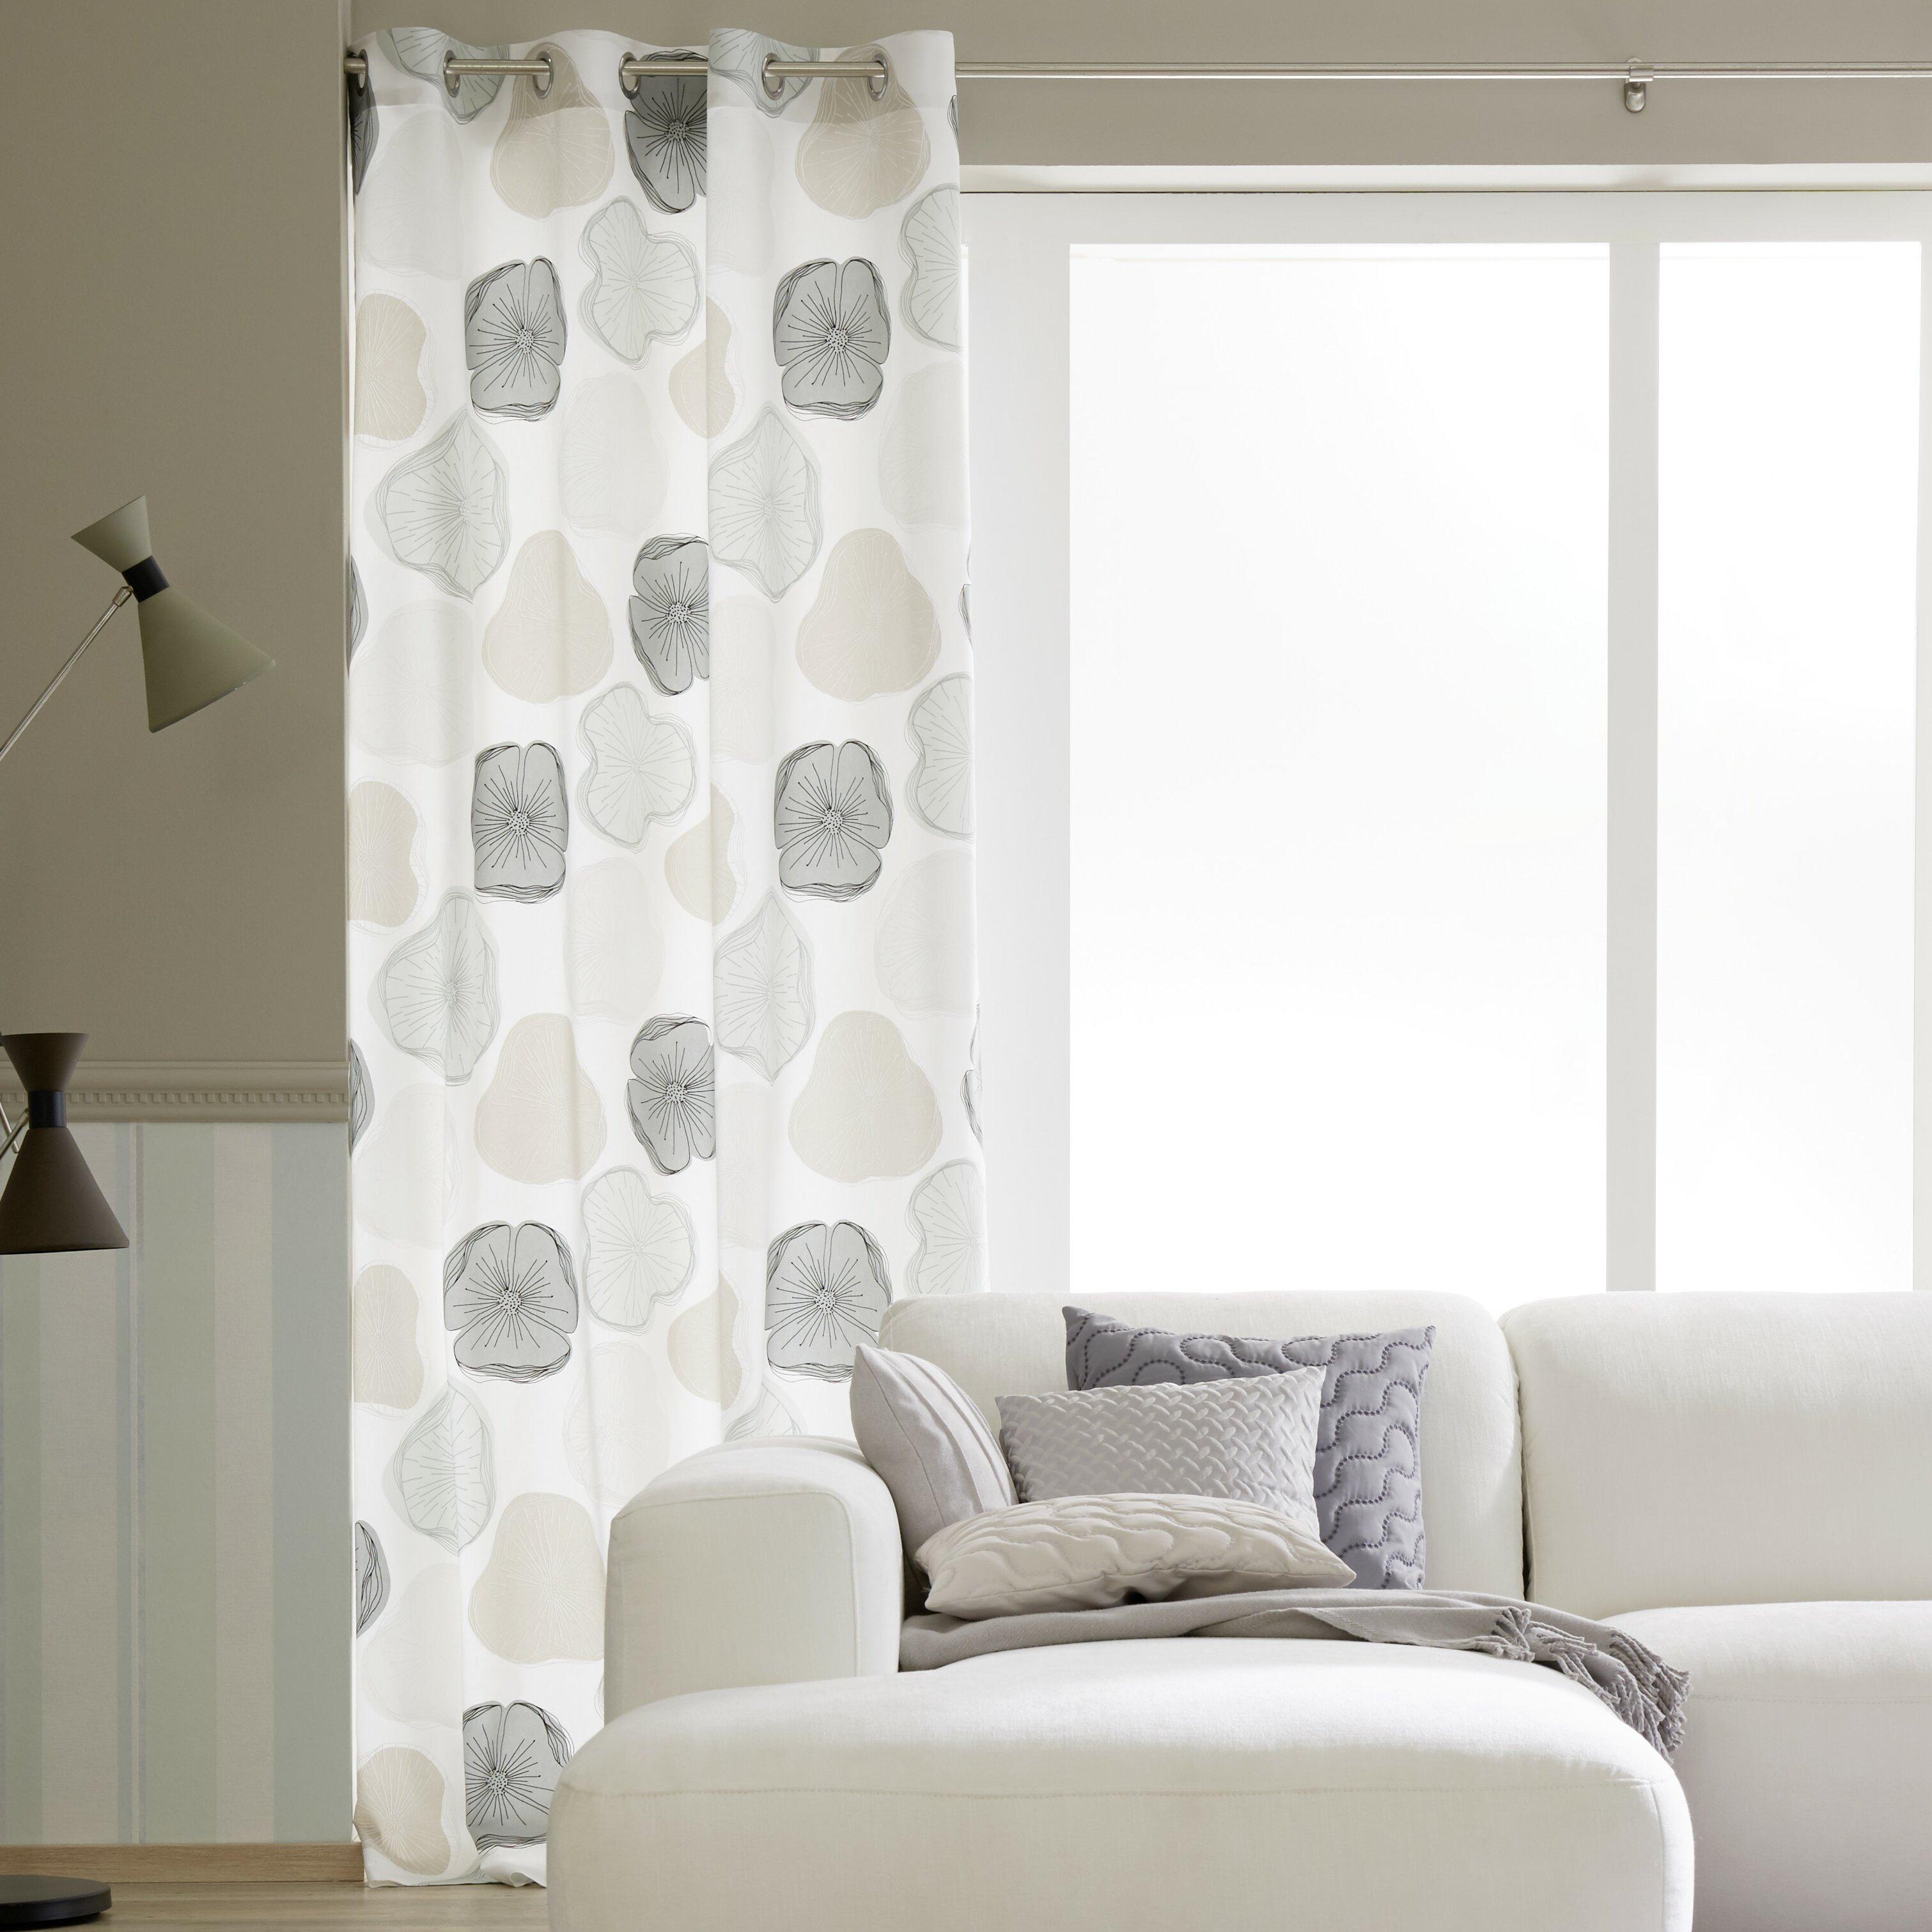 senschal poppy von sch ner wohnen. Black Bedroom Furniture Sets. Home Design Ideas